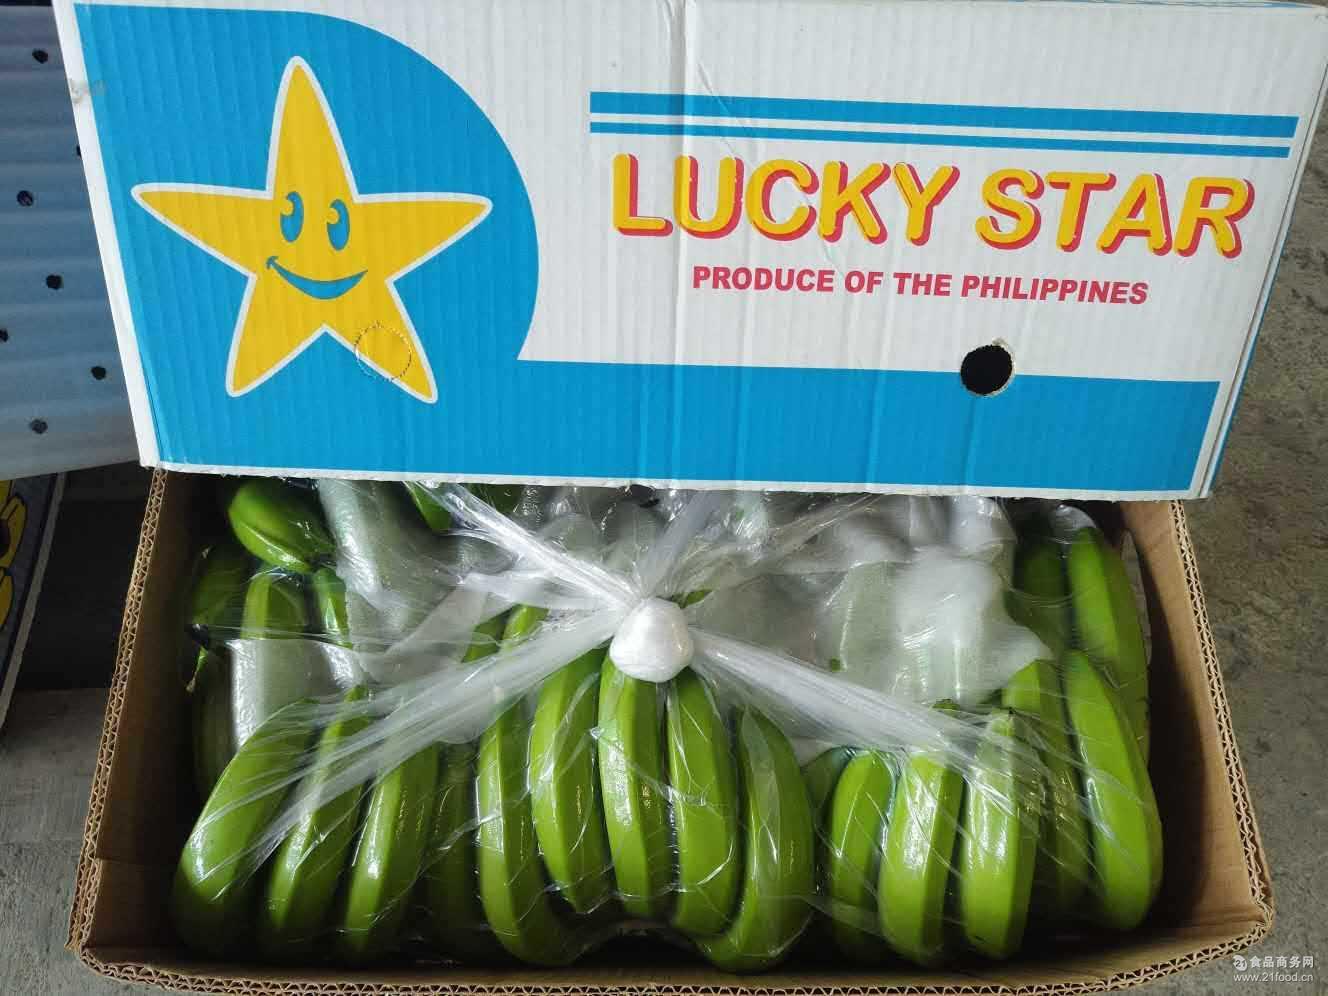 Star Lucky 菲律宾进口香蕉(副牌蕉)